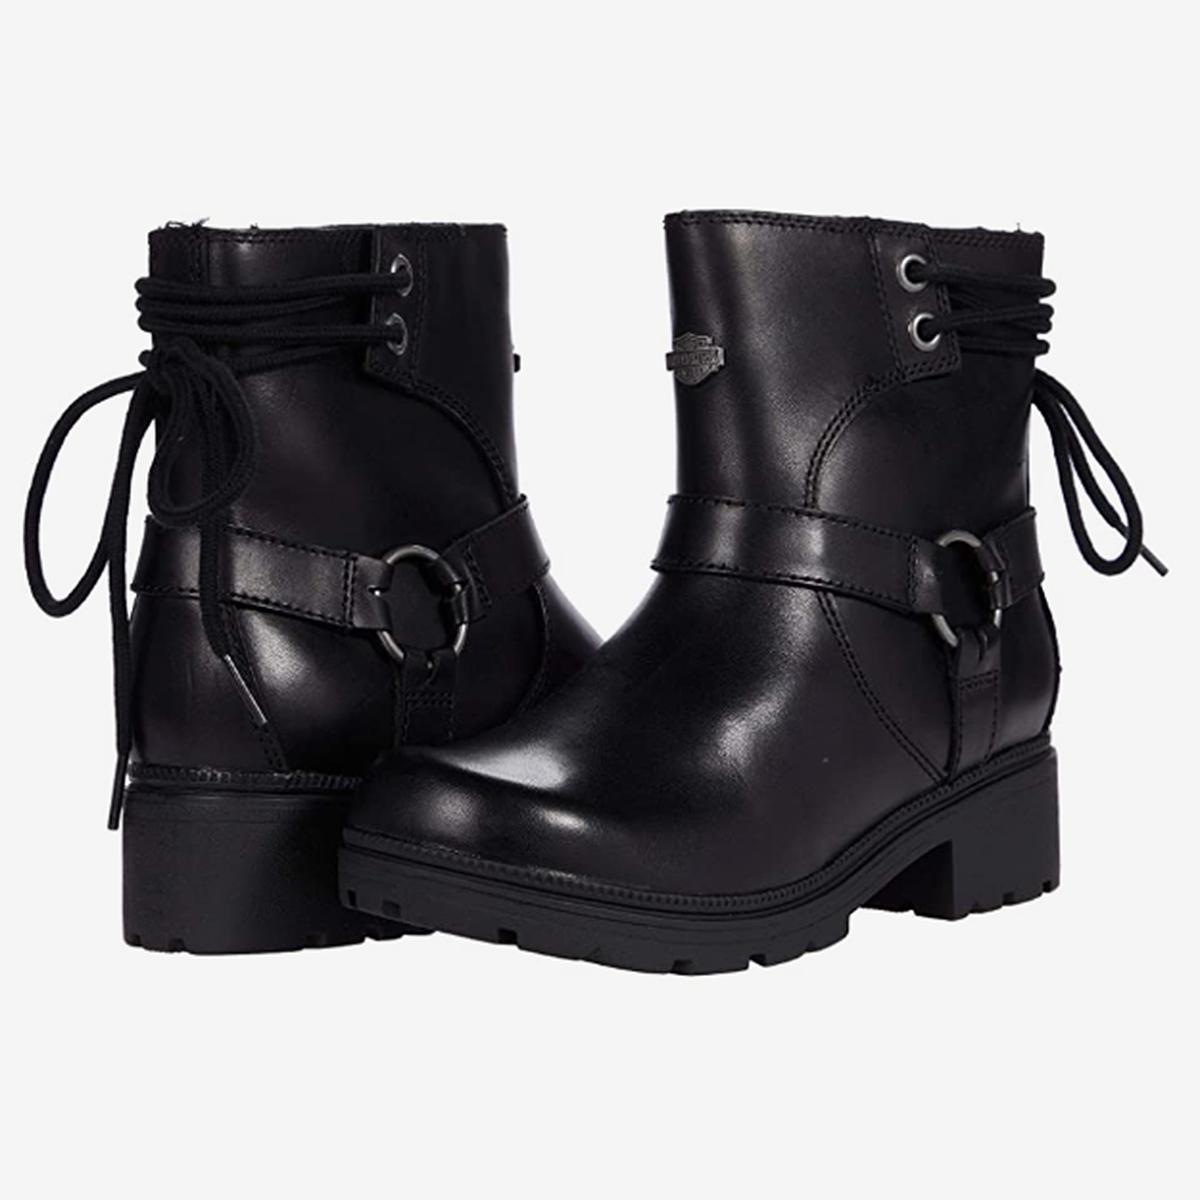 fall-boots-moto-harley-davidson